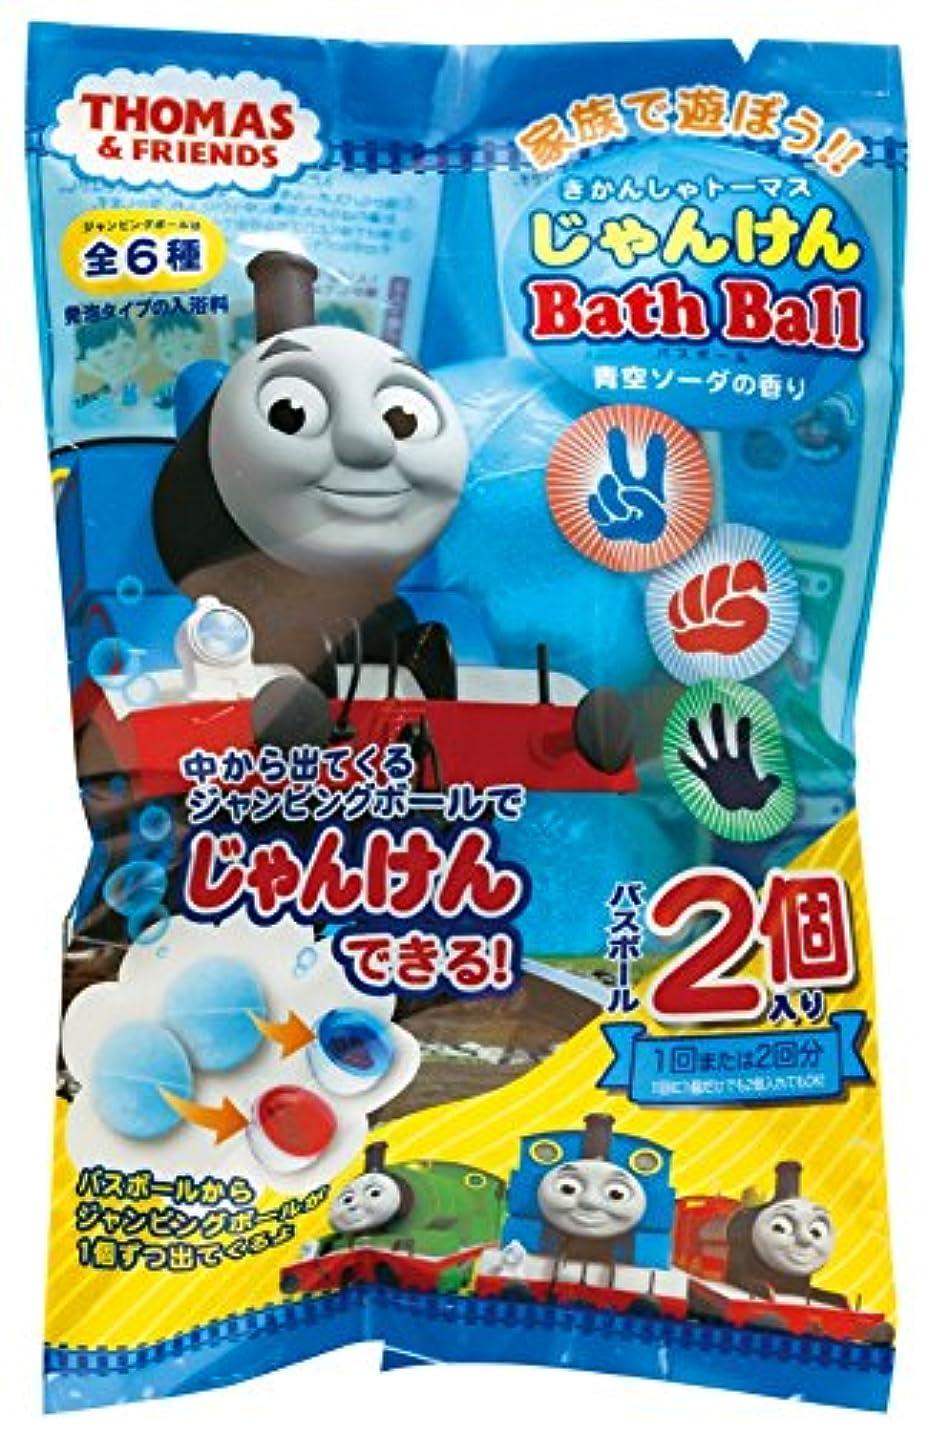 家具アルコーブ取り消すきかんしゃトーマス 入浴剤 じゃんけんバスボール 2個入り おまけ付き 青色ソーダの香り OB-TOB-4-1